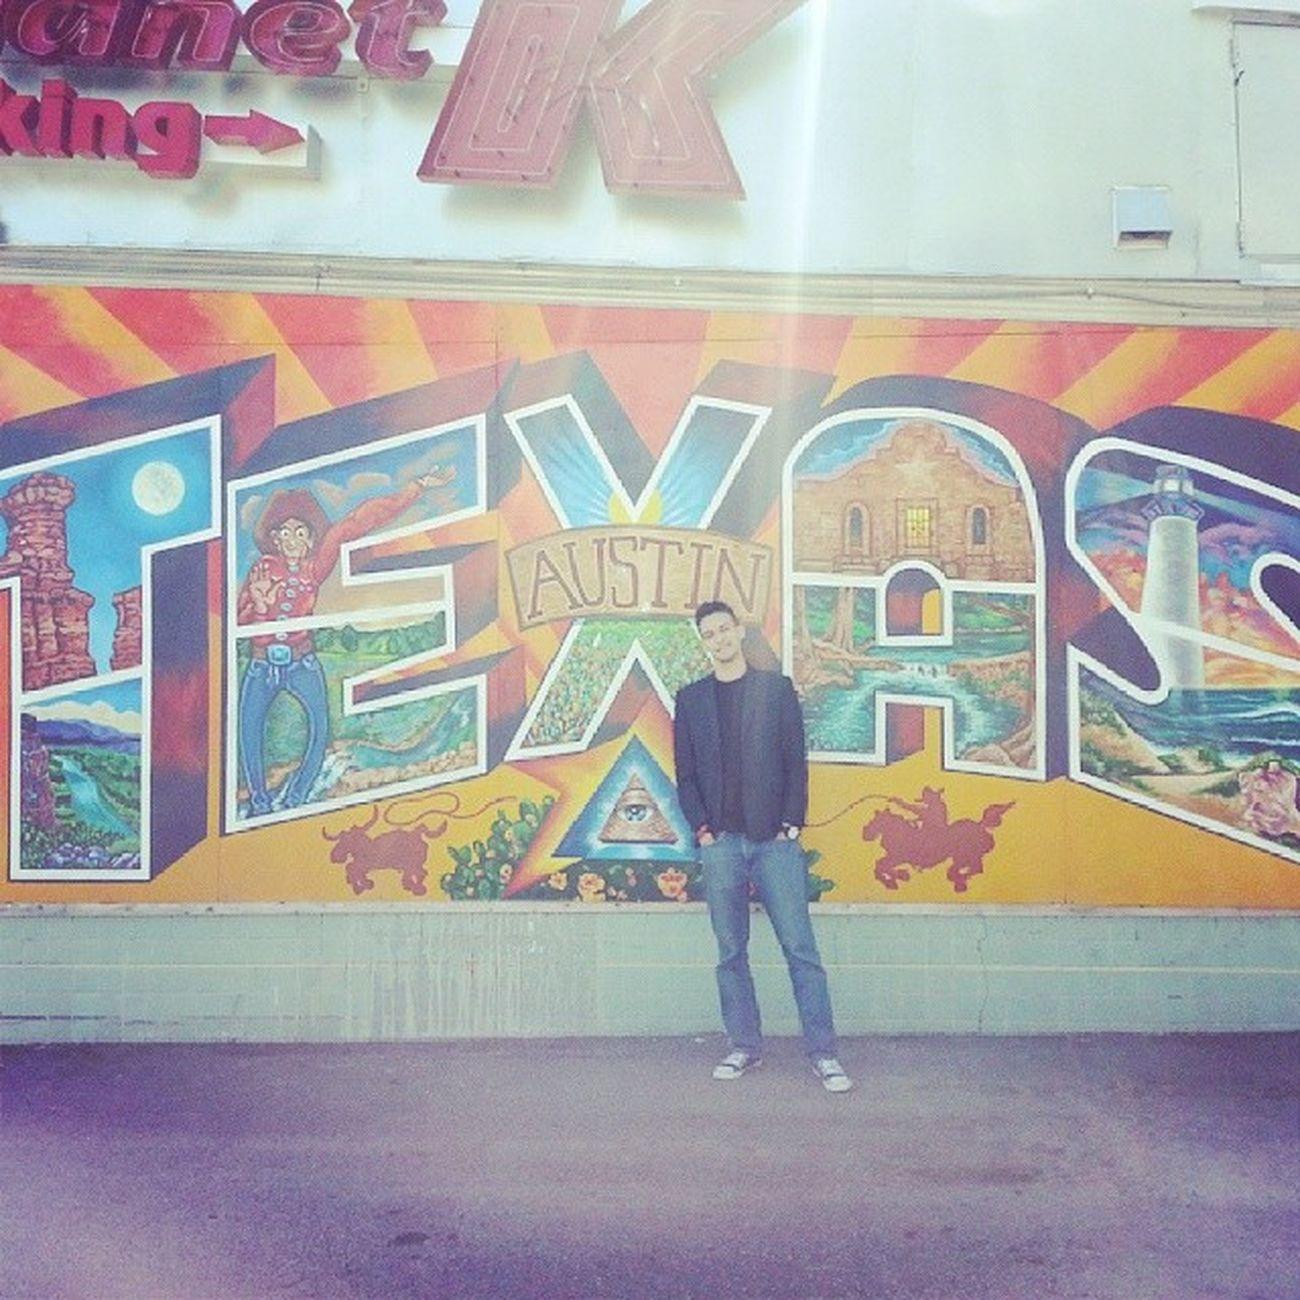 Texas ♤♡♢♧ SamoSoviet Austin Texas